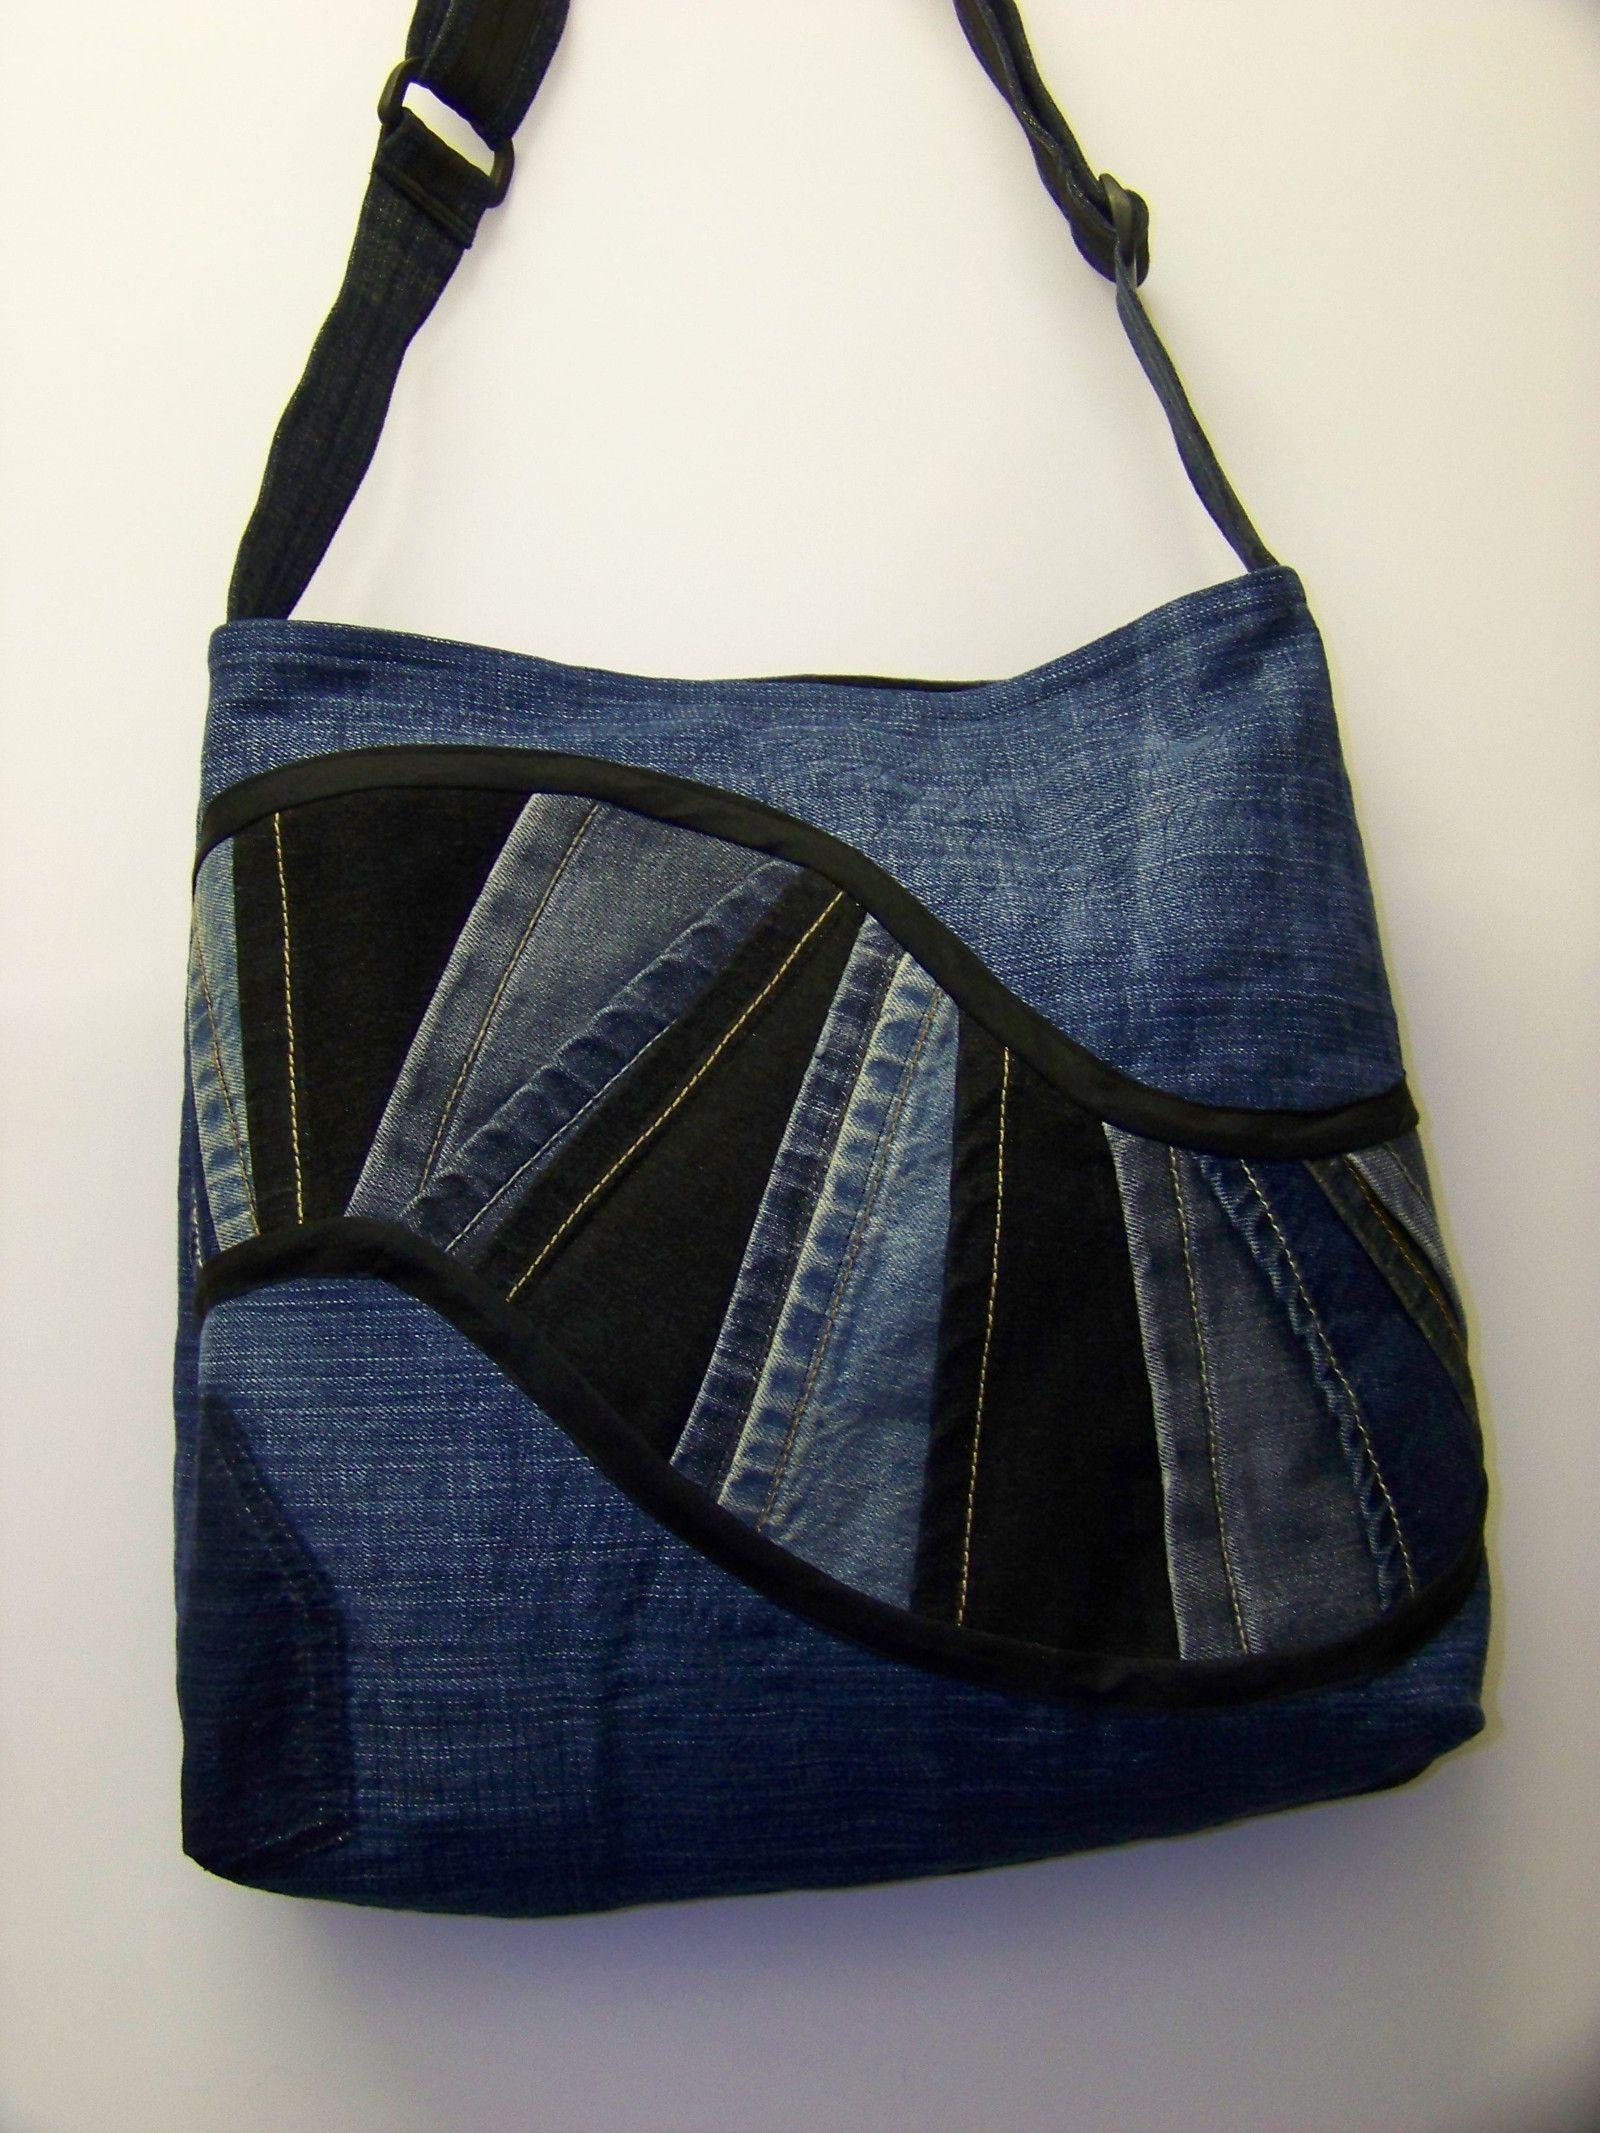 4c76532ea4 Dámská kabelka riflová Paulin II Dámská riflová kabelka s prodlužovacím  popruhem dlouhým 130cm. Je vypodložená